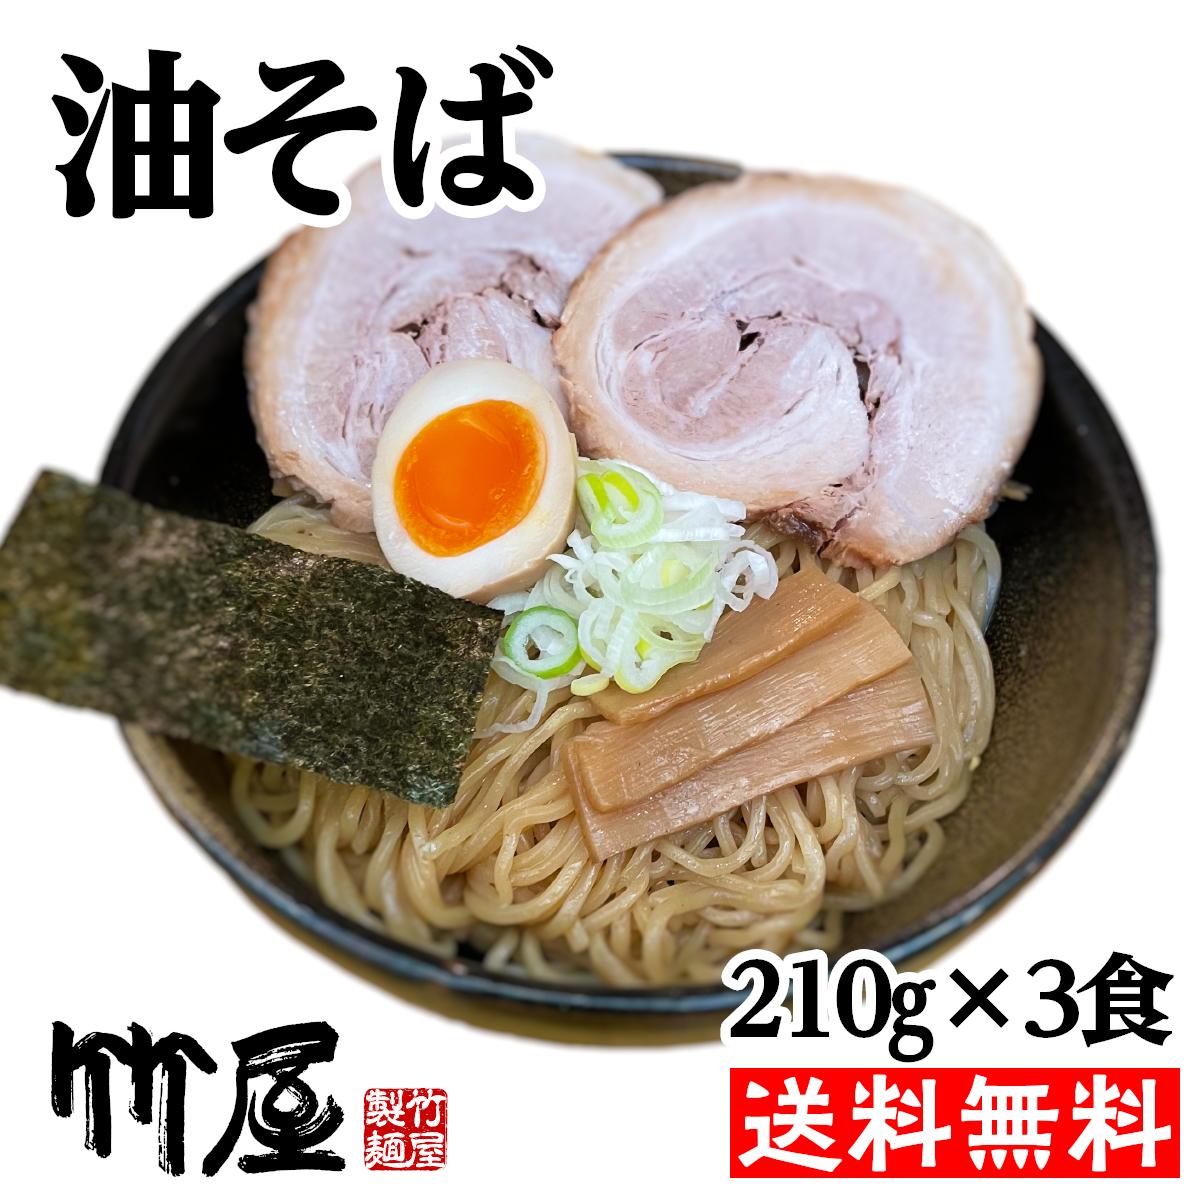 新作 人気 魚介と豚骨のwスープを凝縮したタレで食べるまぜそば この製品は竹屋が製造しています 他社が製造したものではなく 全て自家製手作りです 比べてみて下さい 油そば3食セット 生麺 魚介と豚骨のwスープダレ 自家製麺210g 茹で上がり300gのボリューム 自家製タレ まぜそば 全て自家製 多加水生麺 送料無料 人気ブランド 別袋魚粉付き ポスト投函 ×3 ×3 メール便